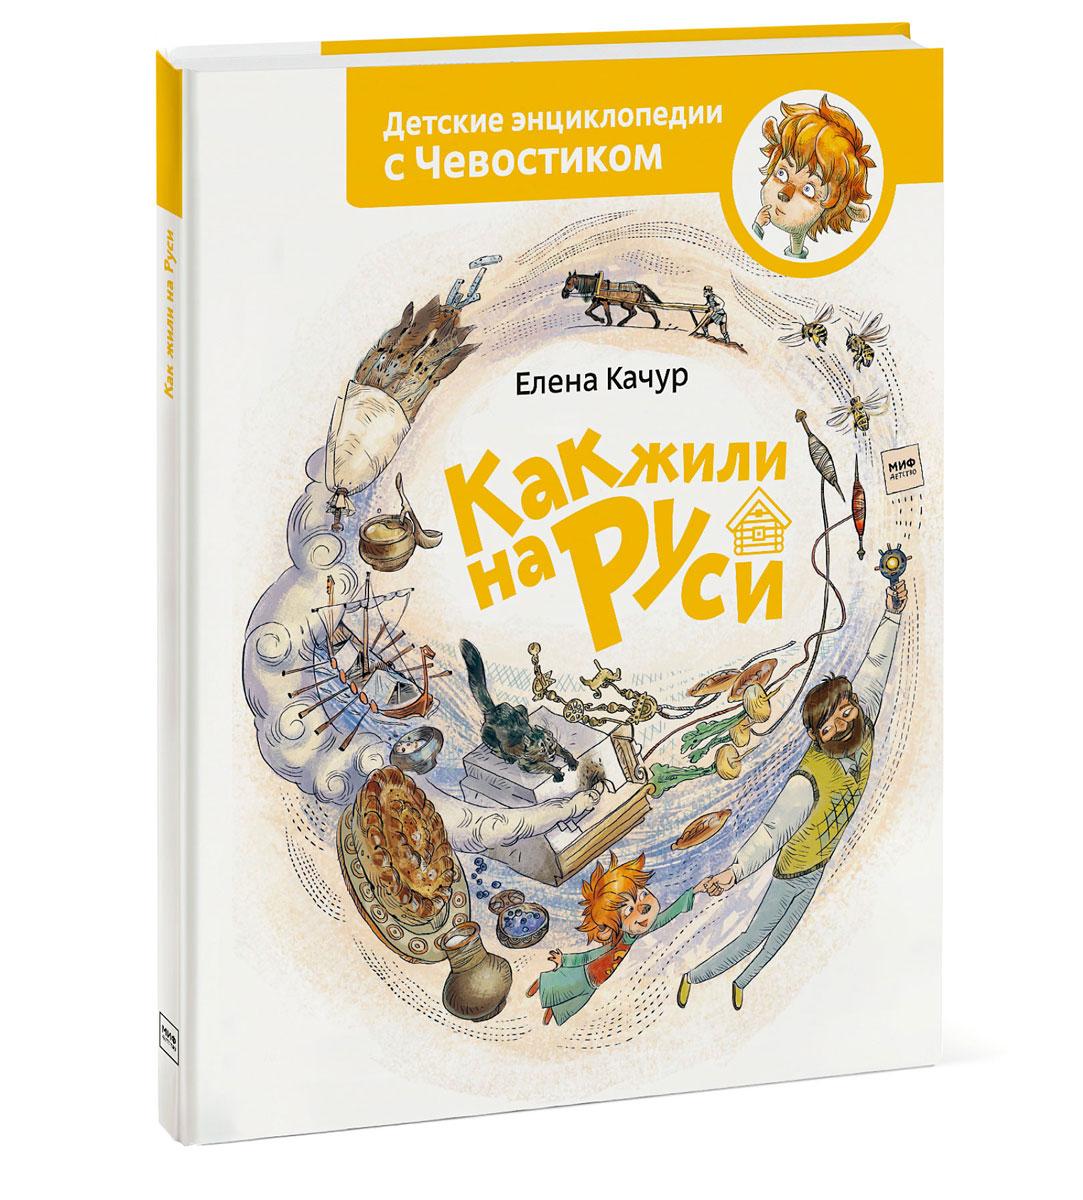 Елена Качур Как жили на Руси елена качур как устроен человек энциклопедии с чевостиком